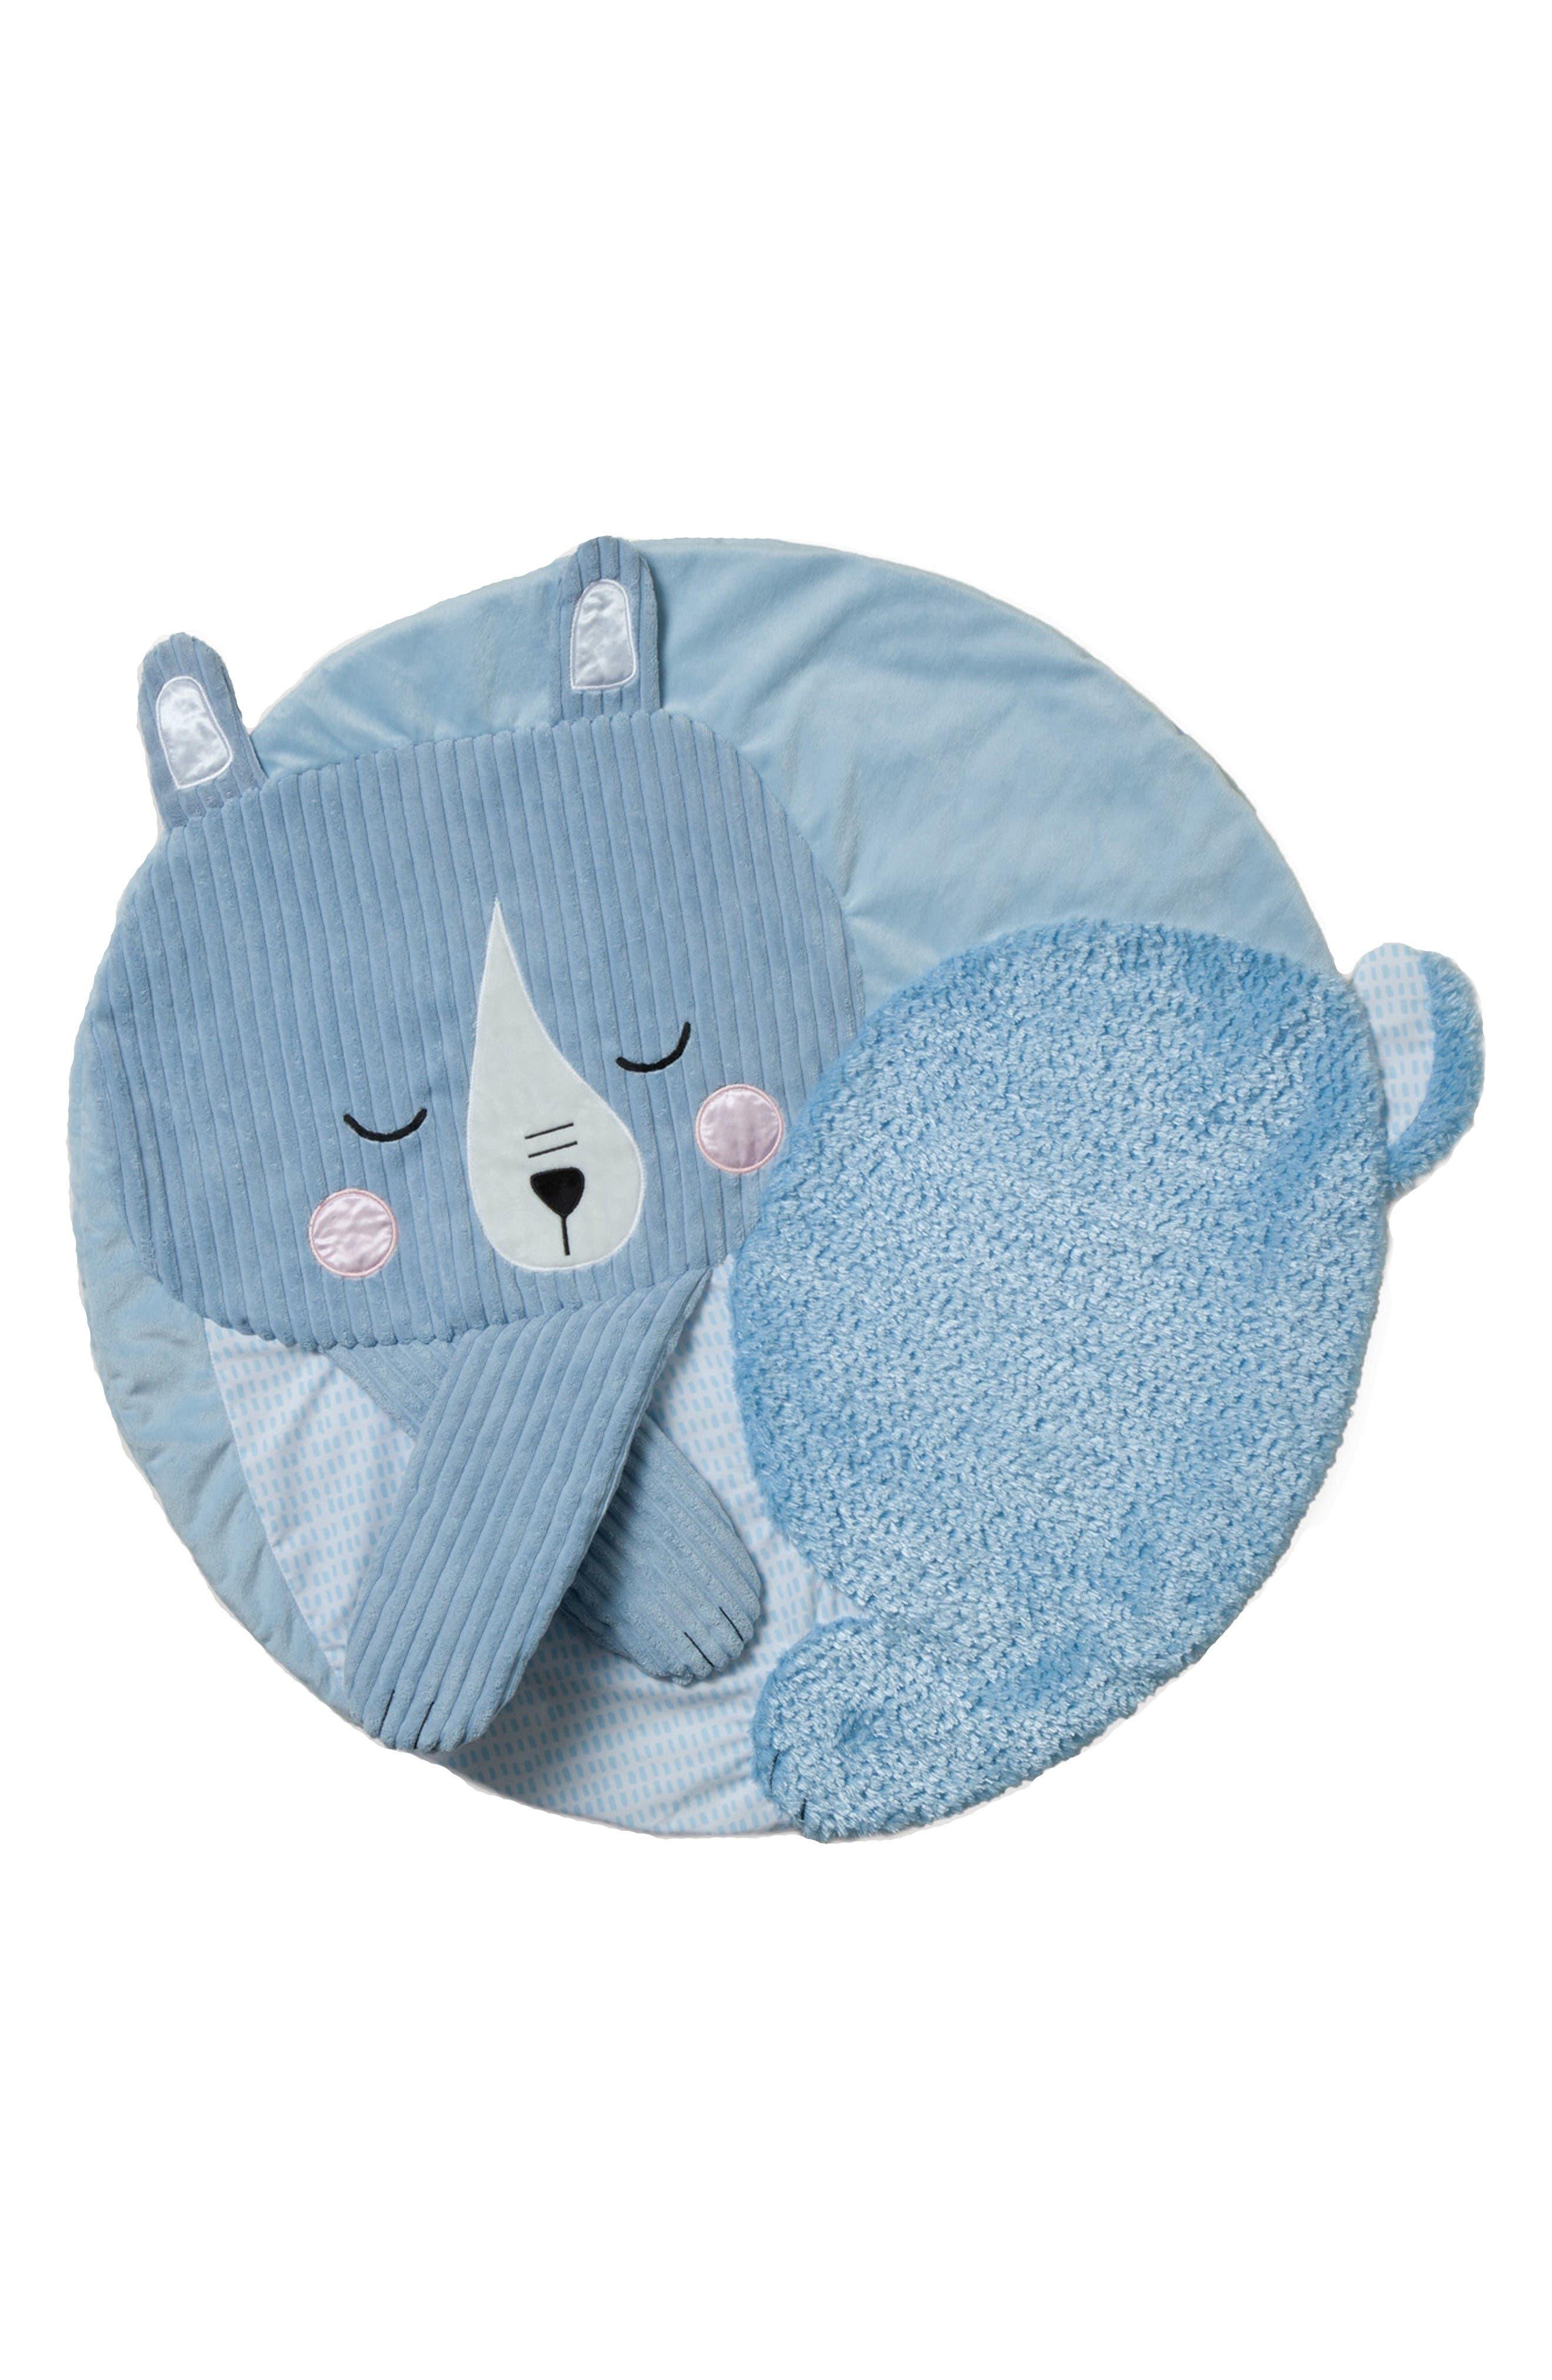 Main Image - Manhattan Toy Bear Tactile Playmat